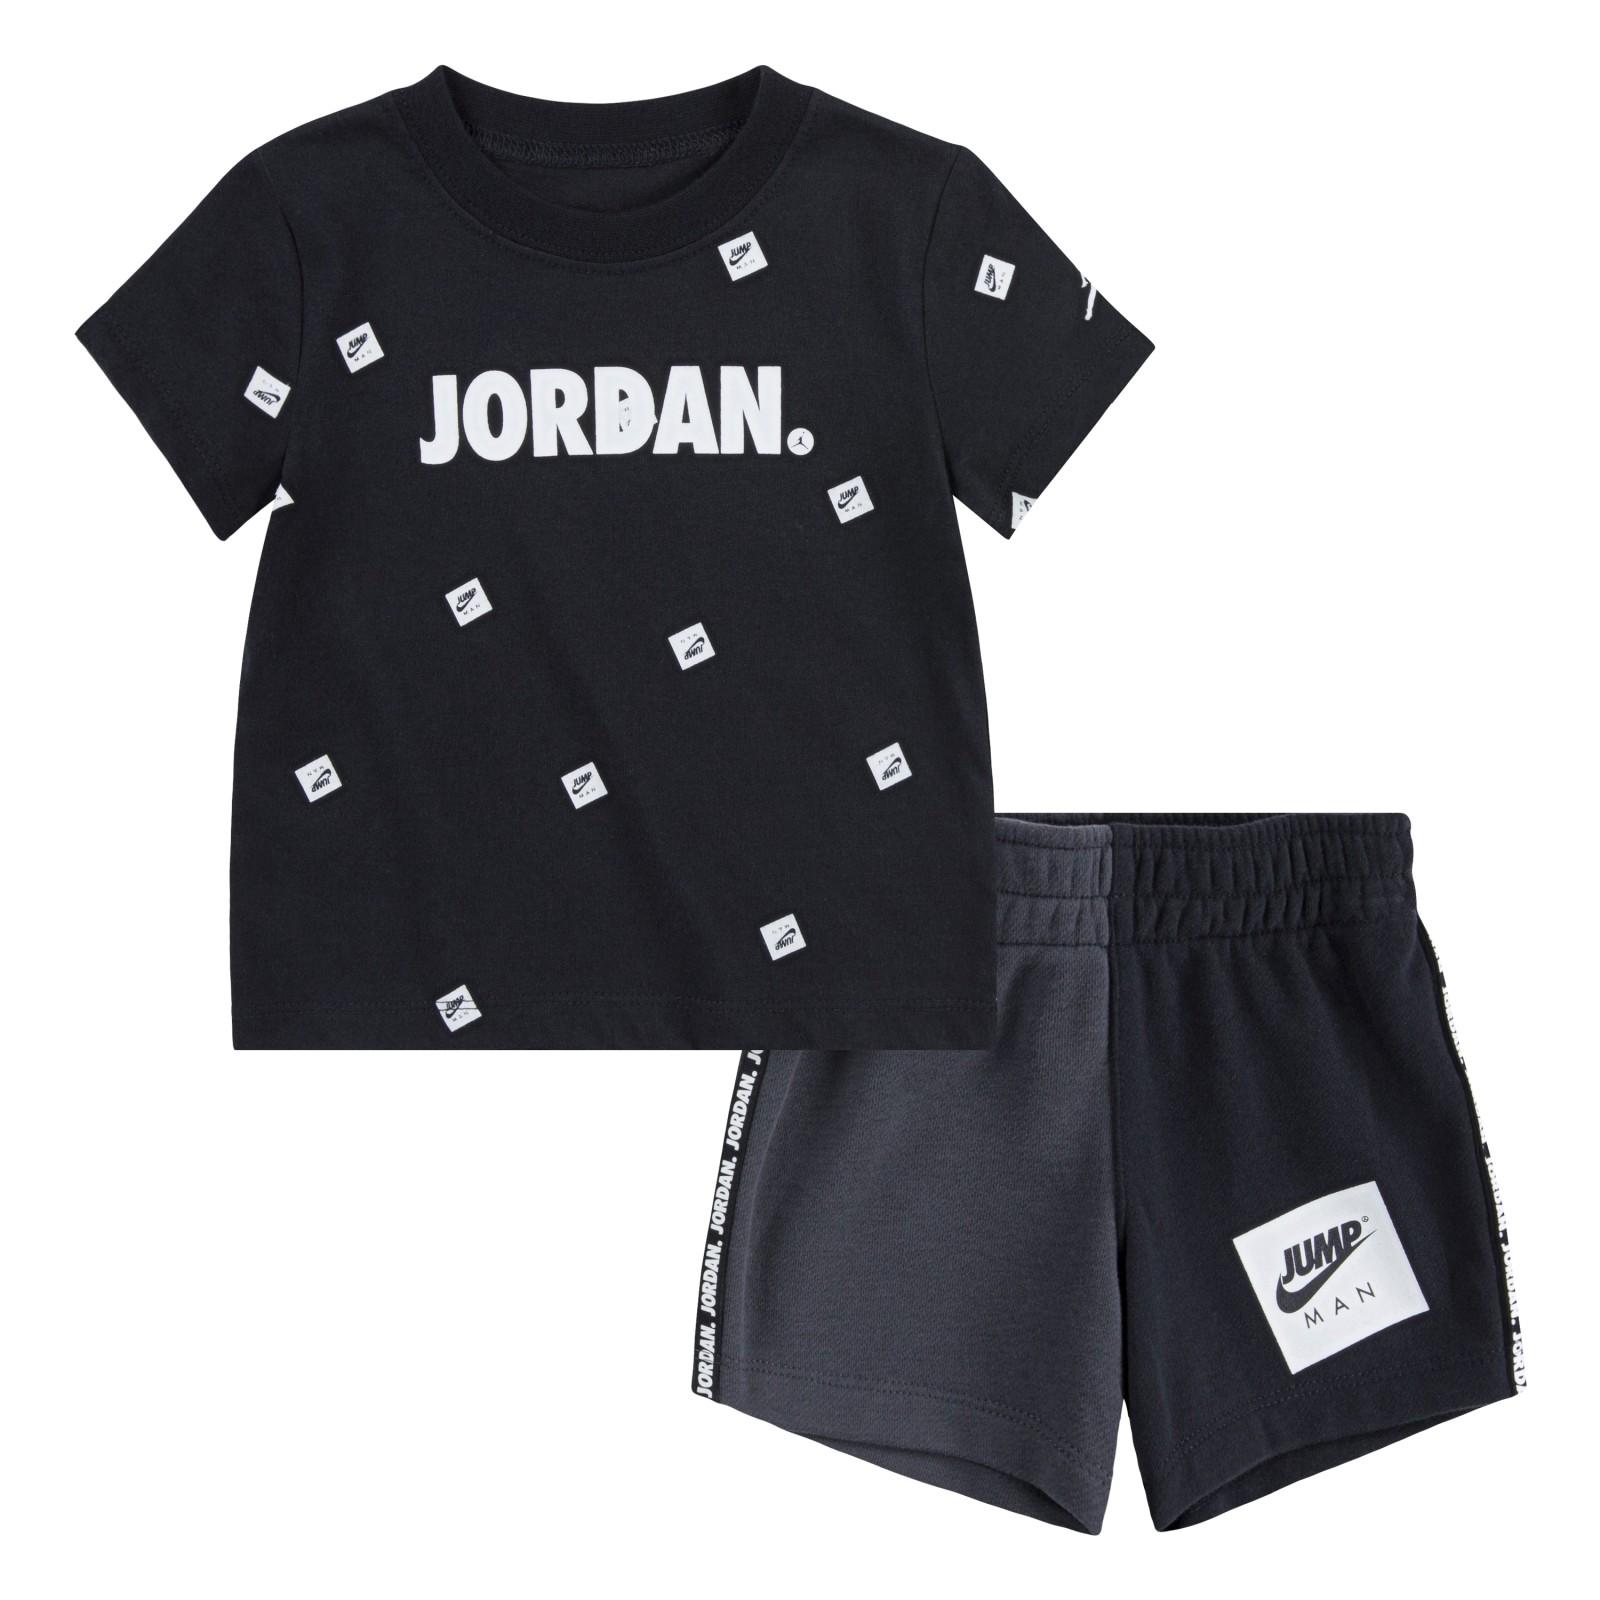 Jdb jumpman box tee/short set BLACK